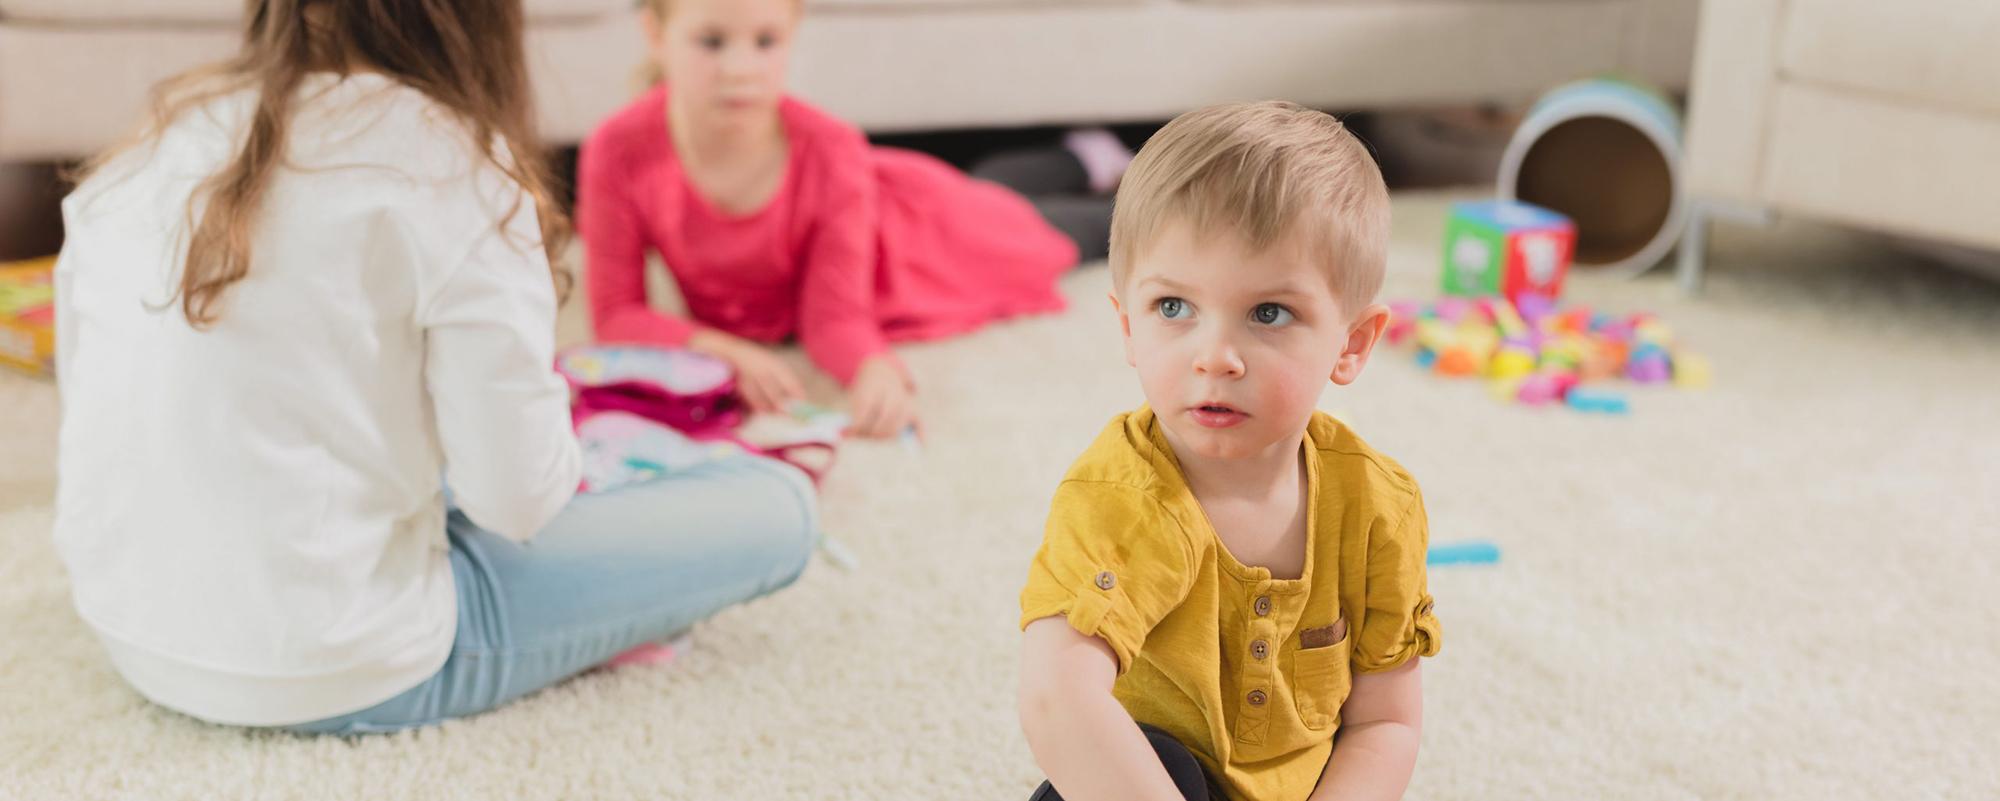 Kolme lasta leikkii leluilla matolla.